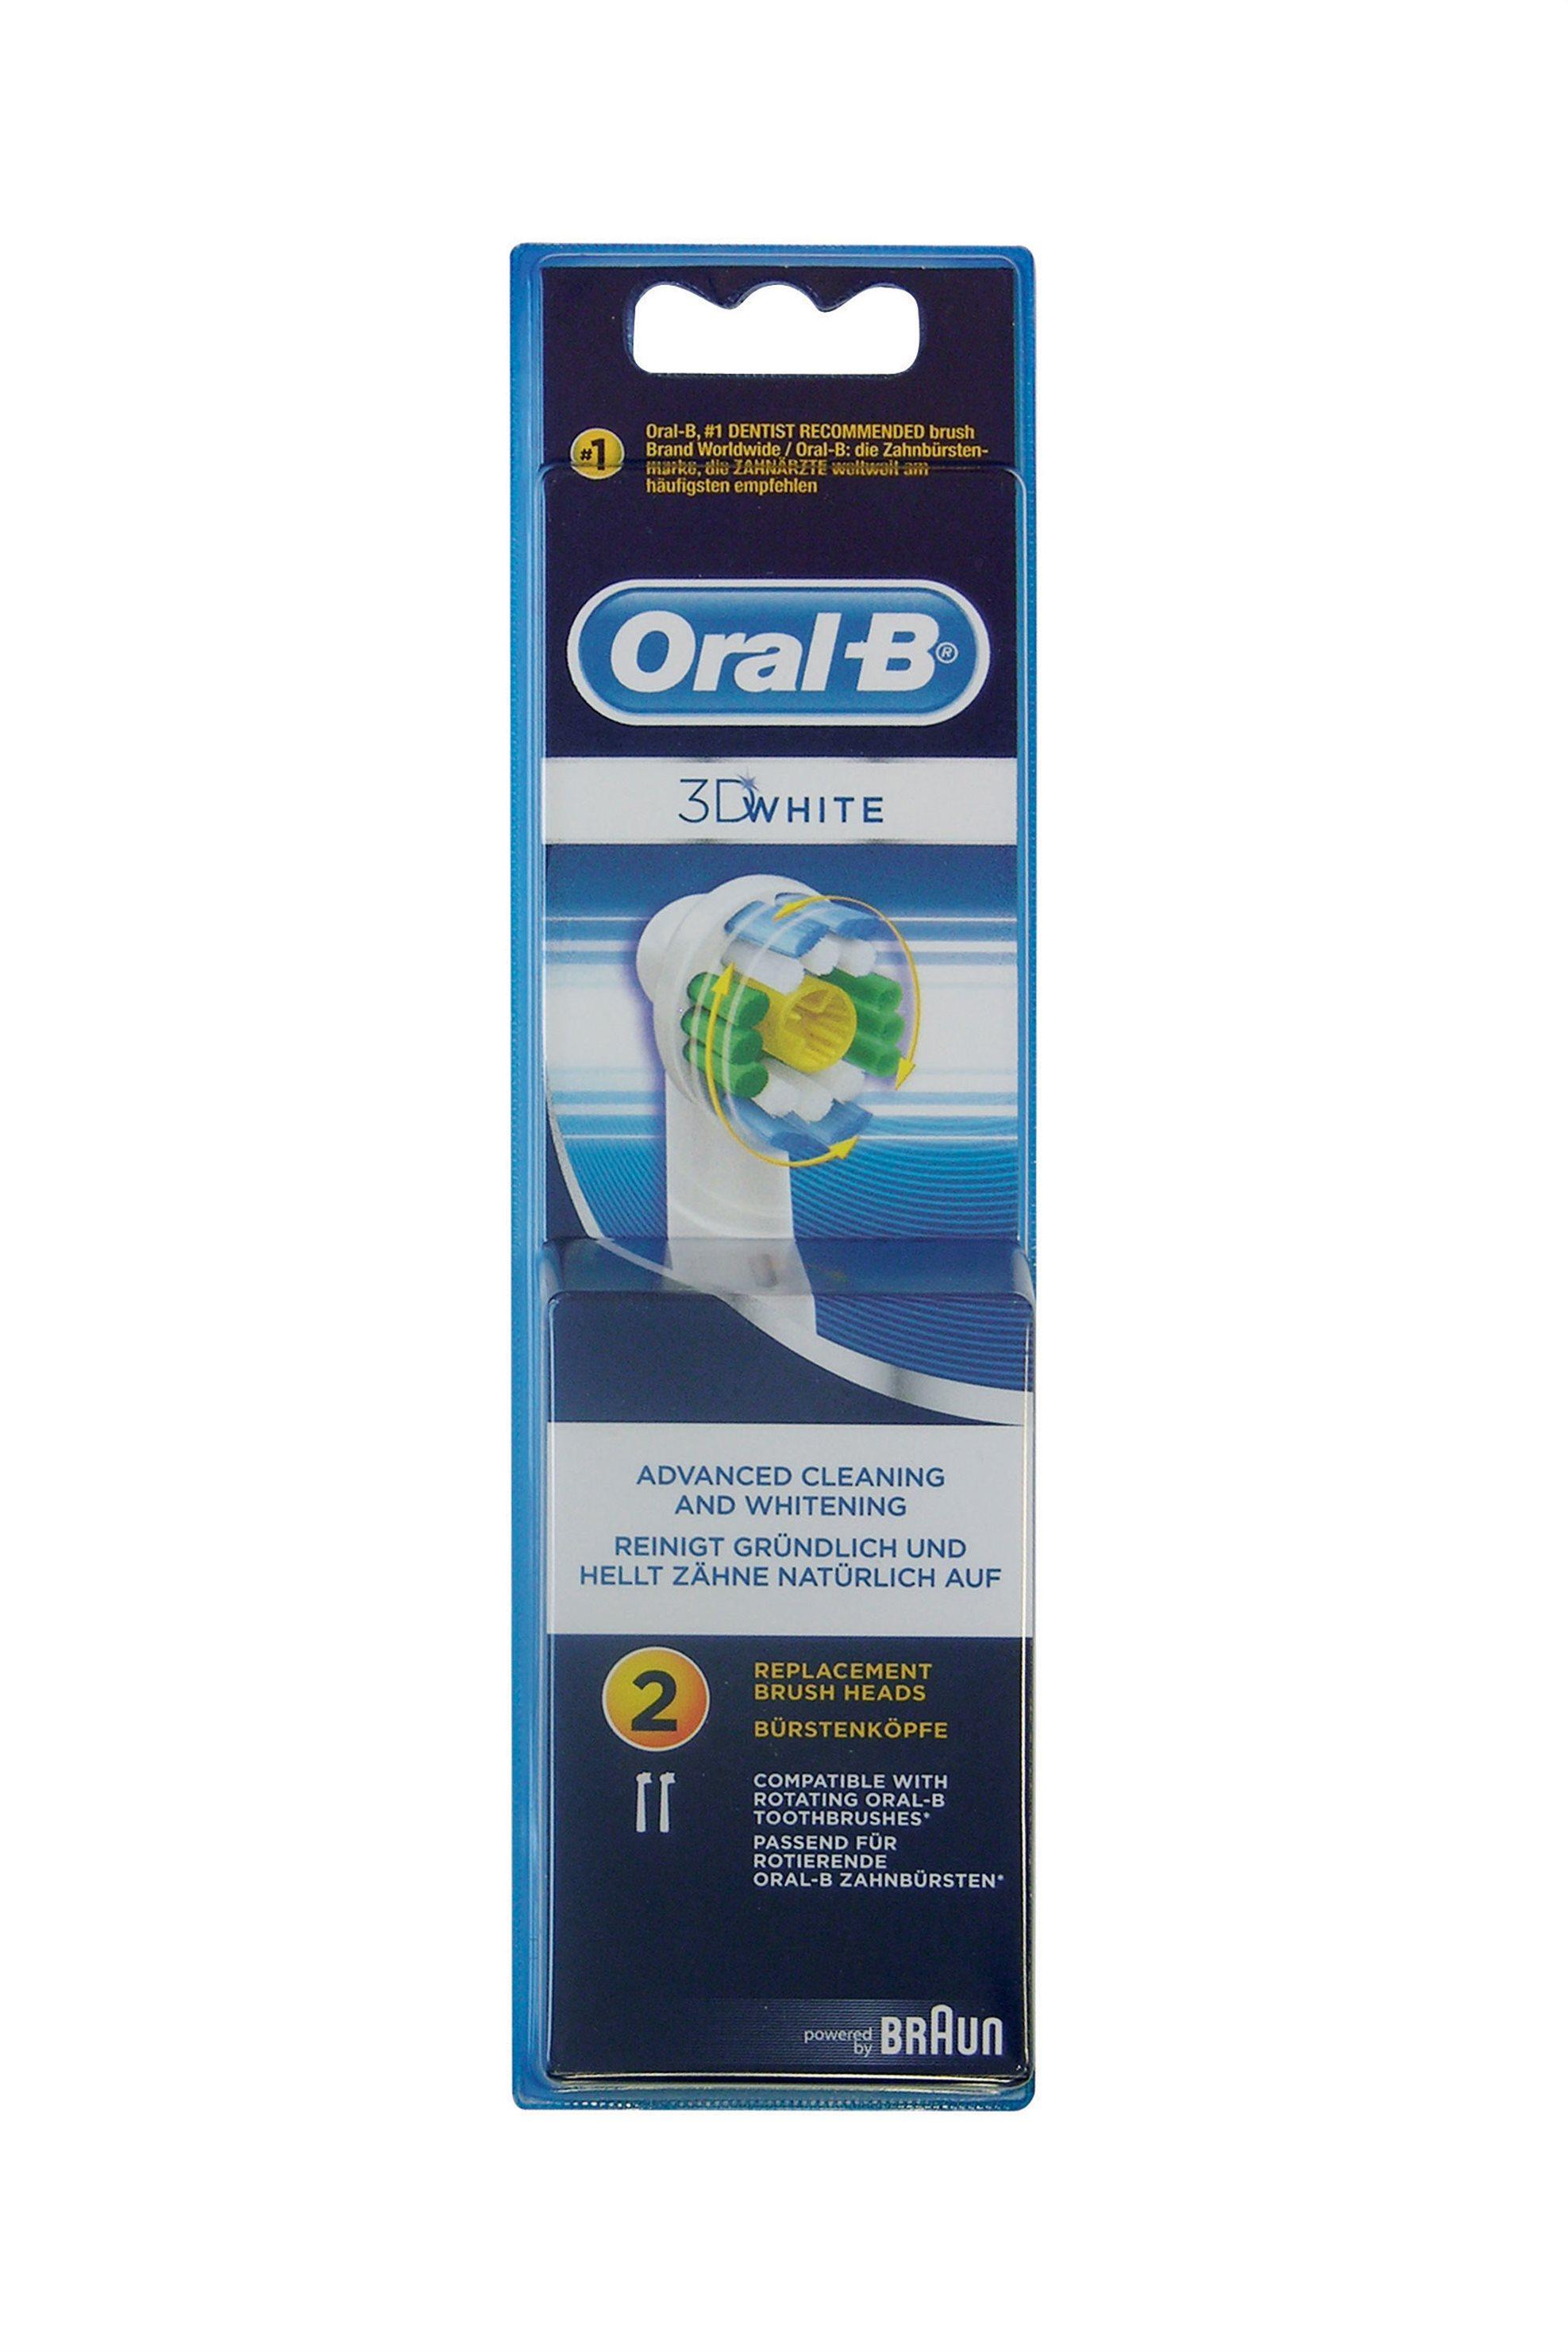 Ανταλλακτικό βουρτσάκι Oral b EB18-2/N ProWhite Braun - EB18-2/N home   συσκευεσ περιποιησησ   ηλεκτρικές οδοντόβουρτσες